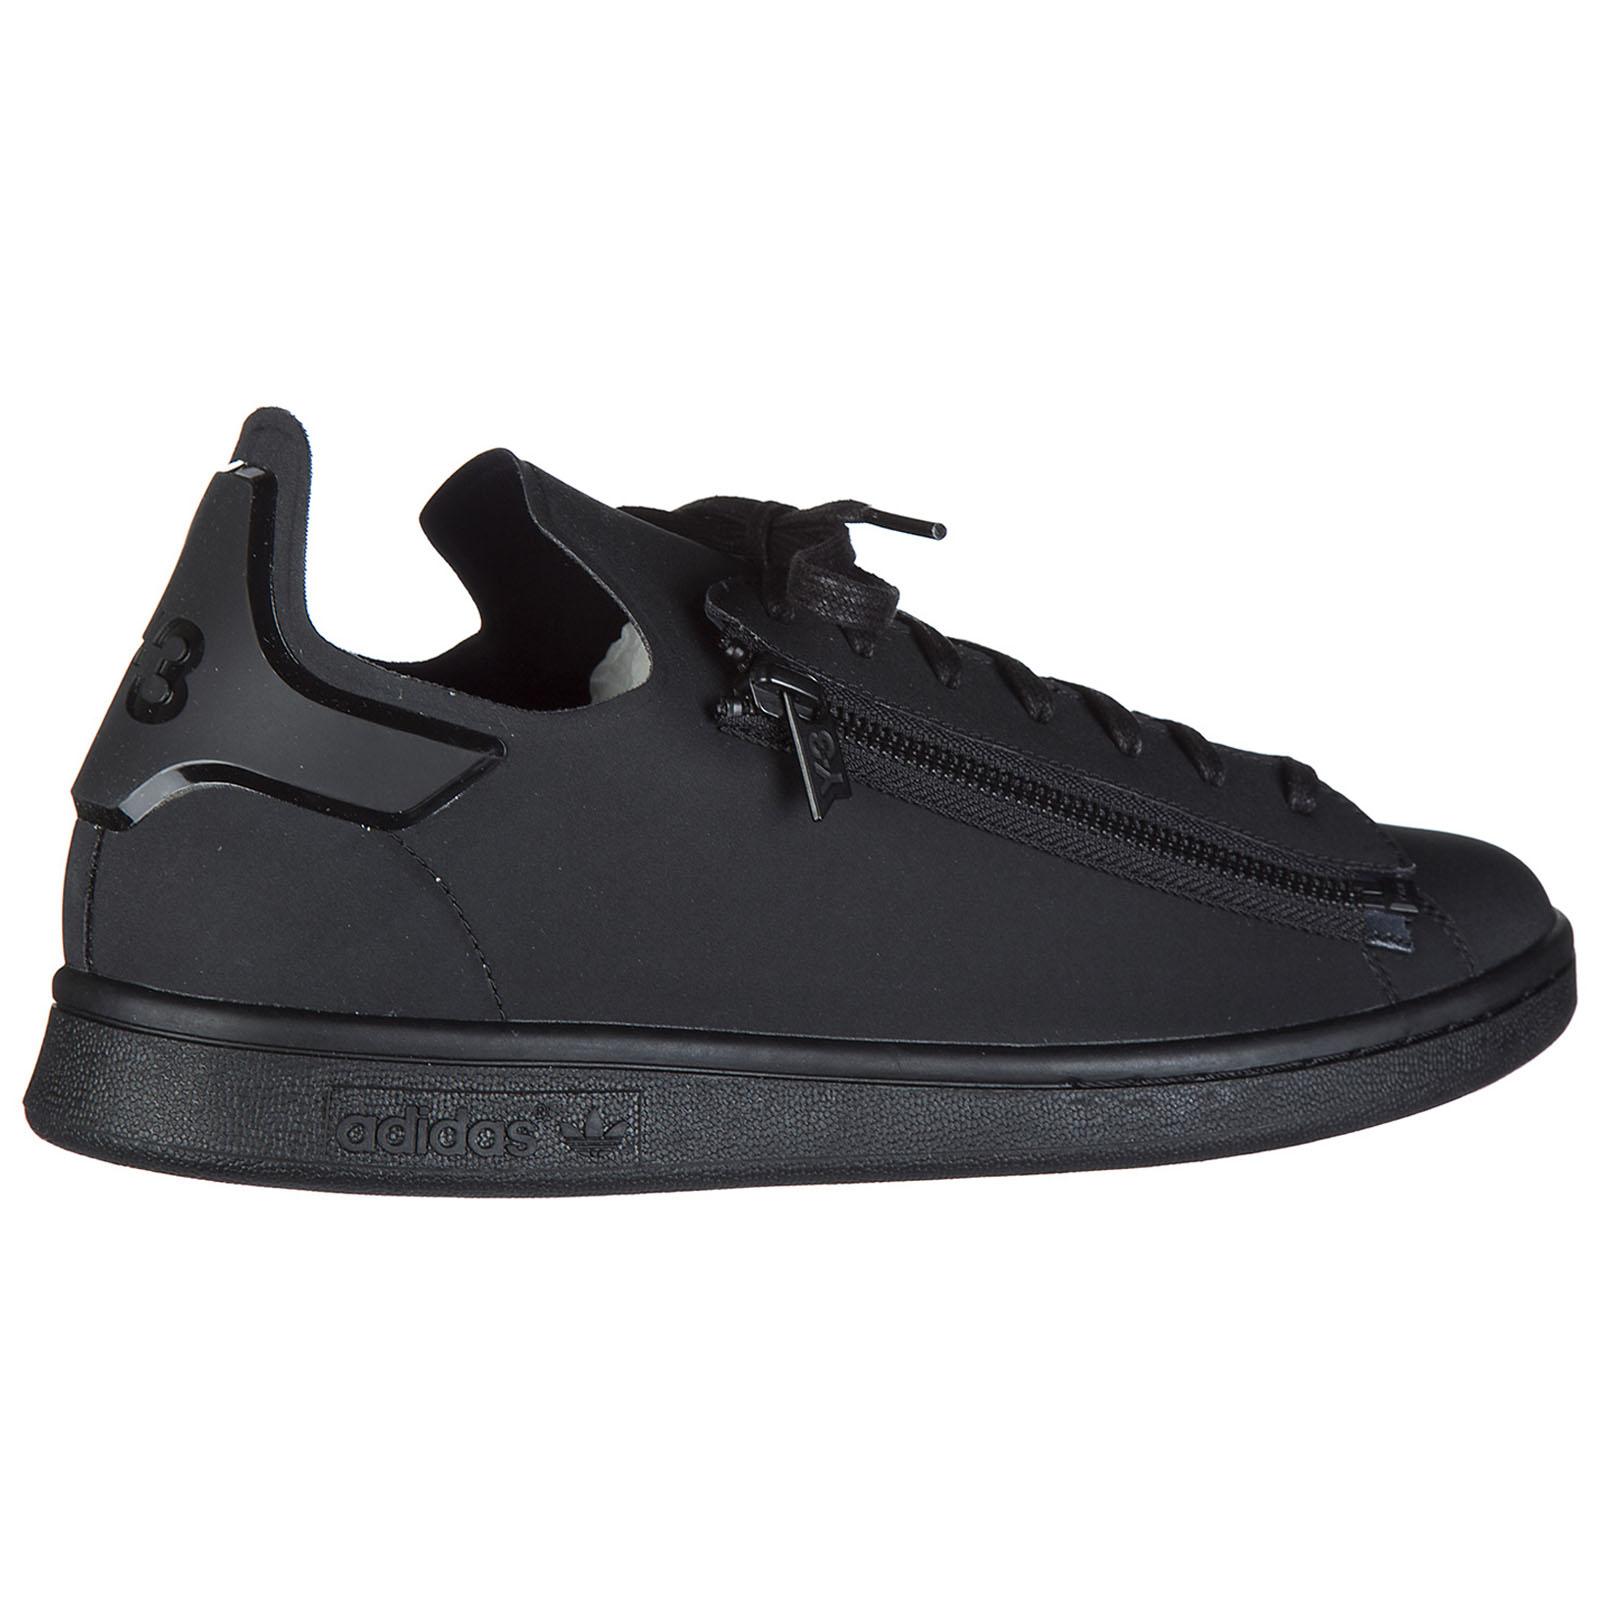 newest 2189b 3549d ... Scarpe sneakers uomo yohji yamamoto stan zip ...